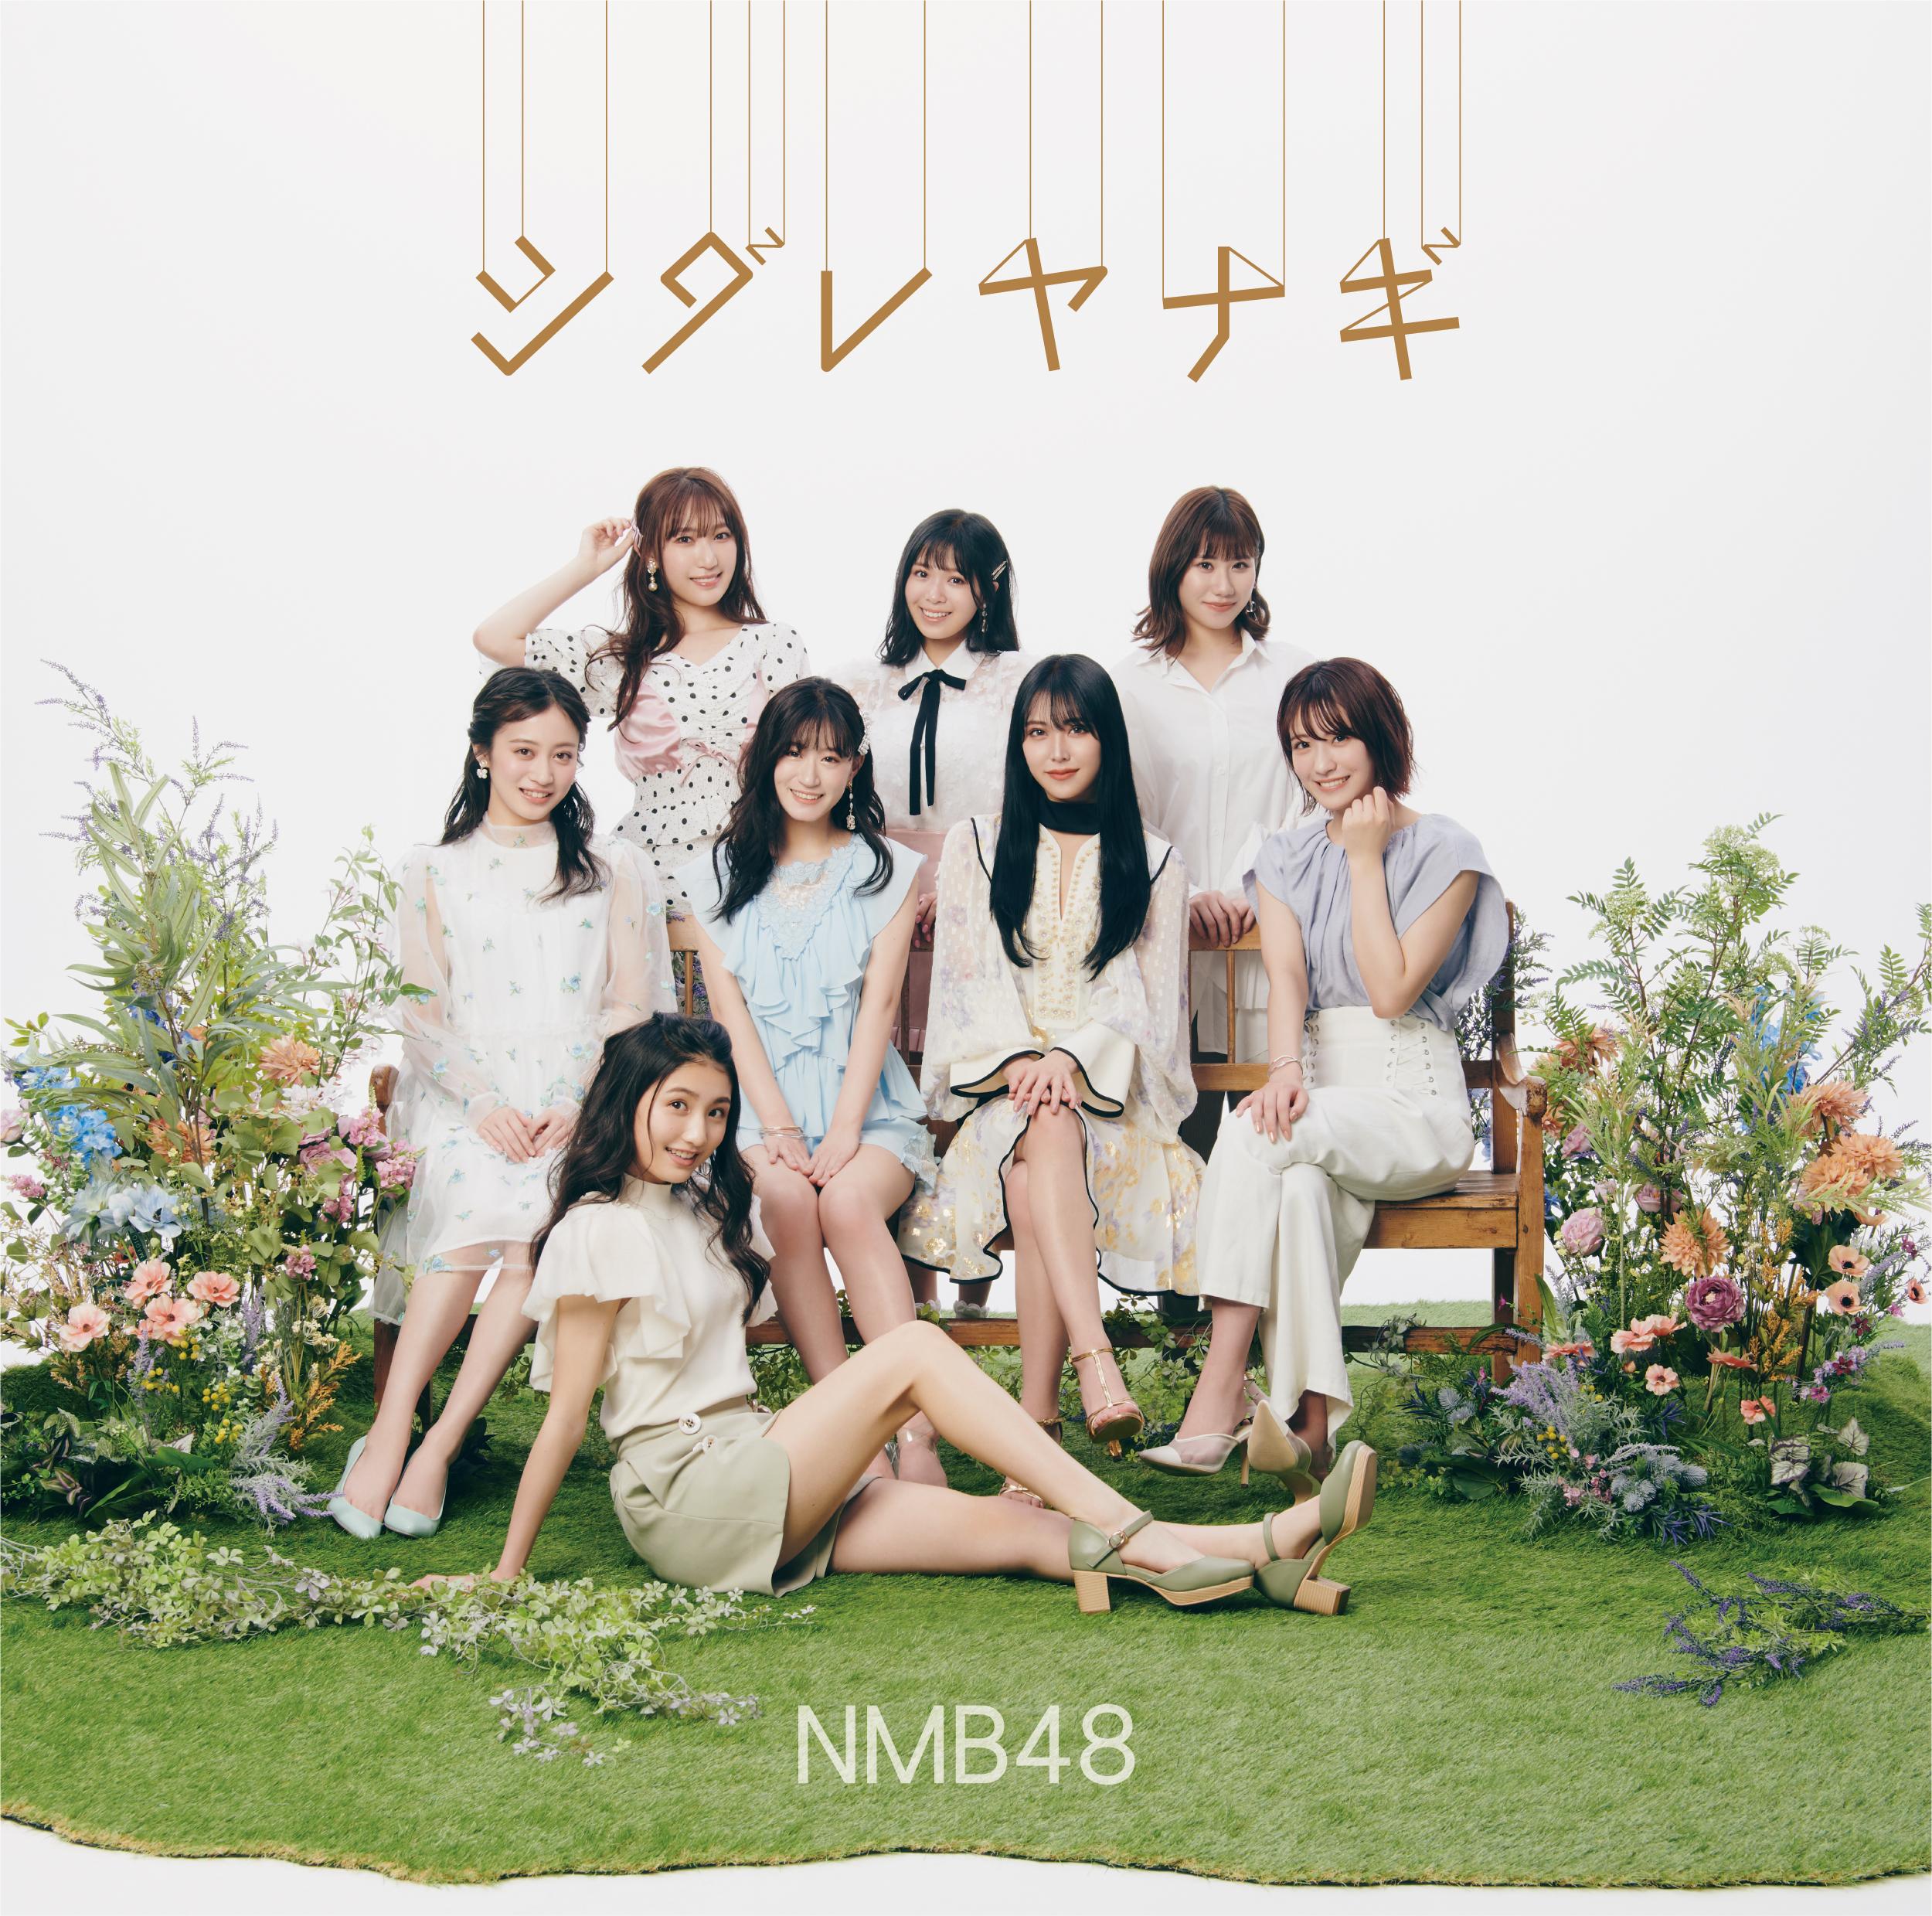 通常盤Type-B ©NMB48